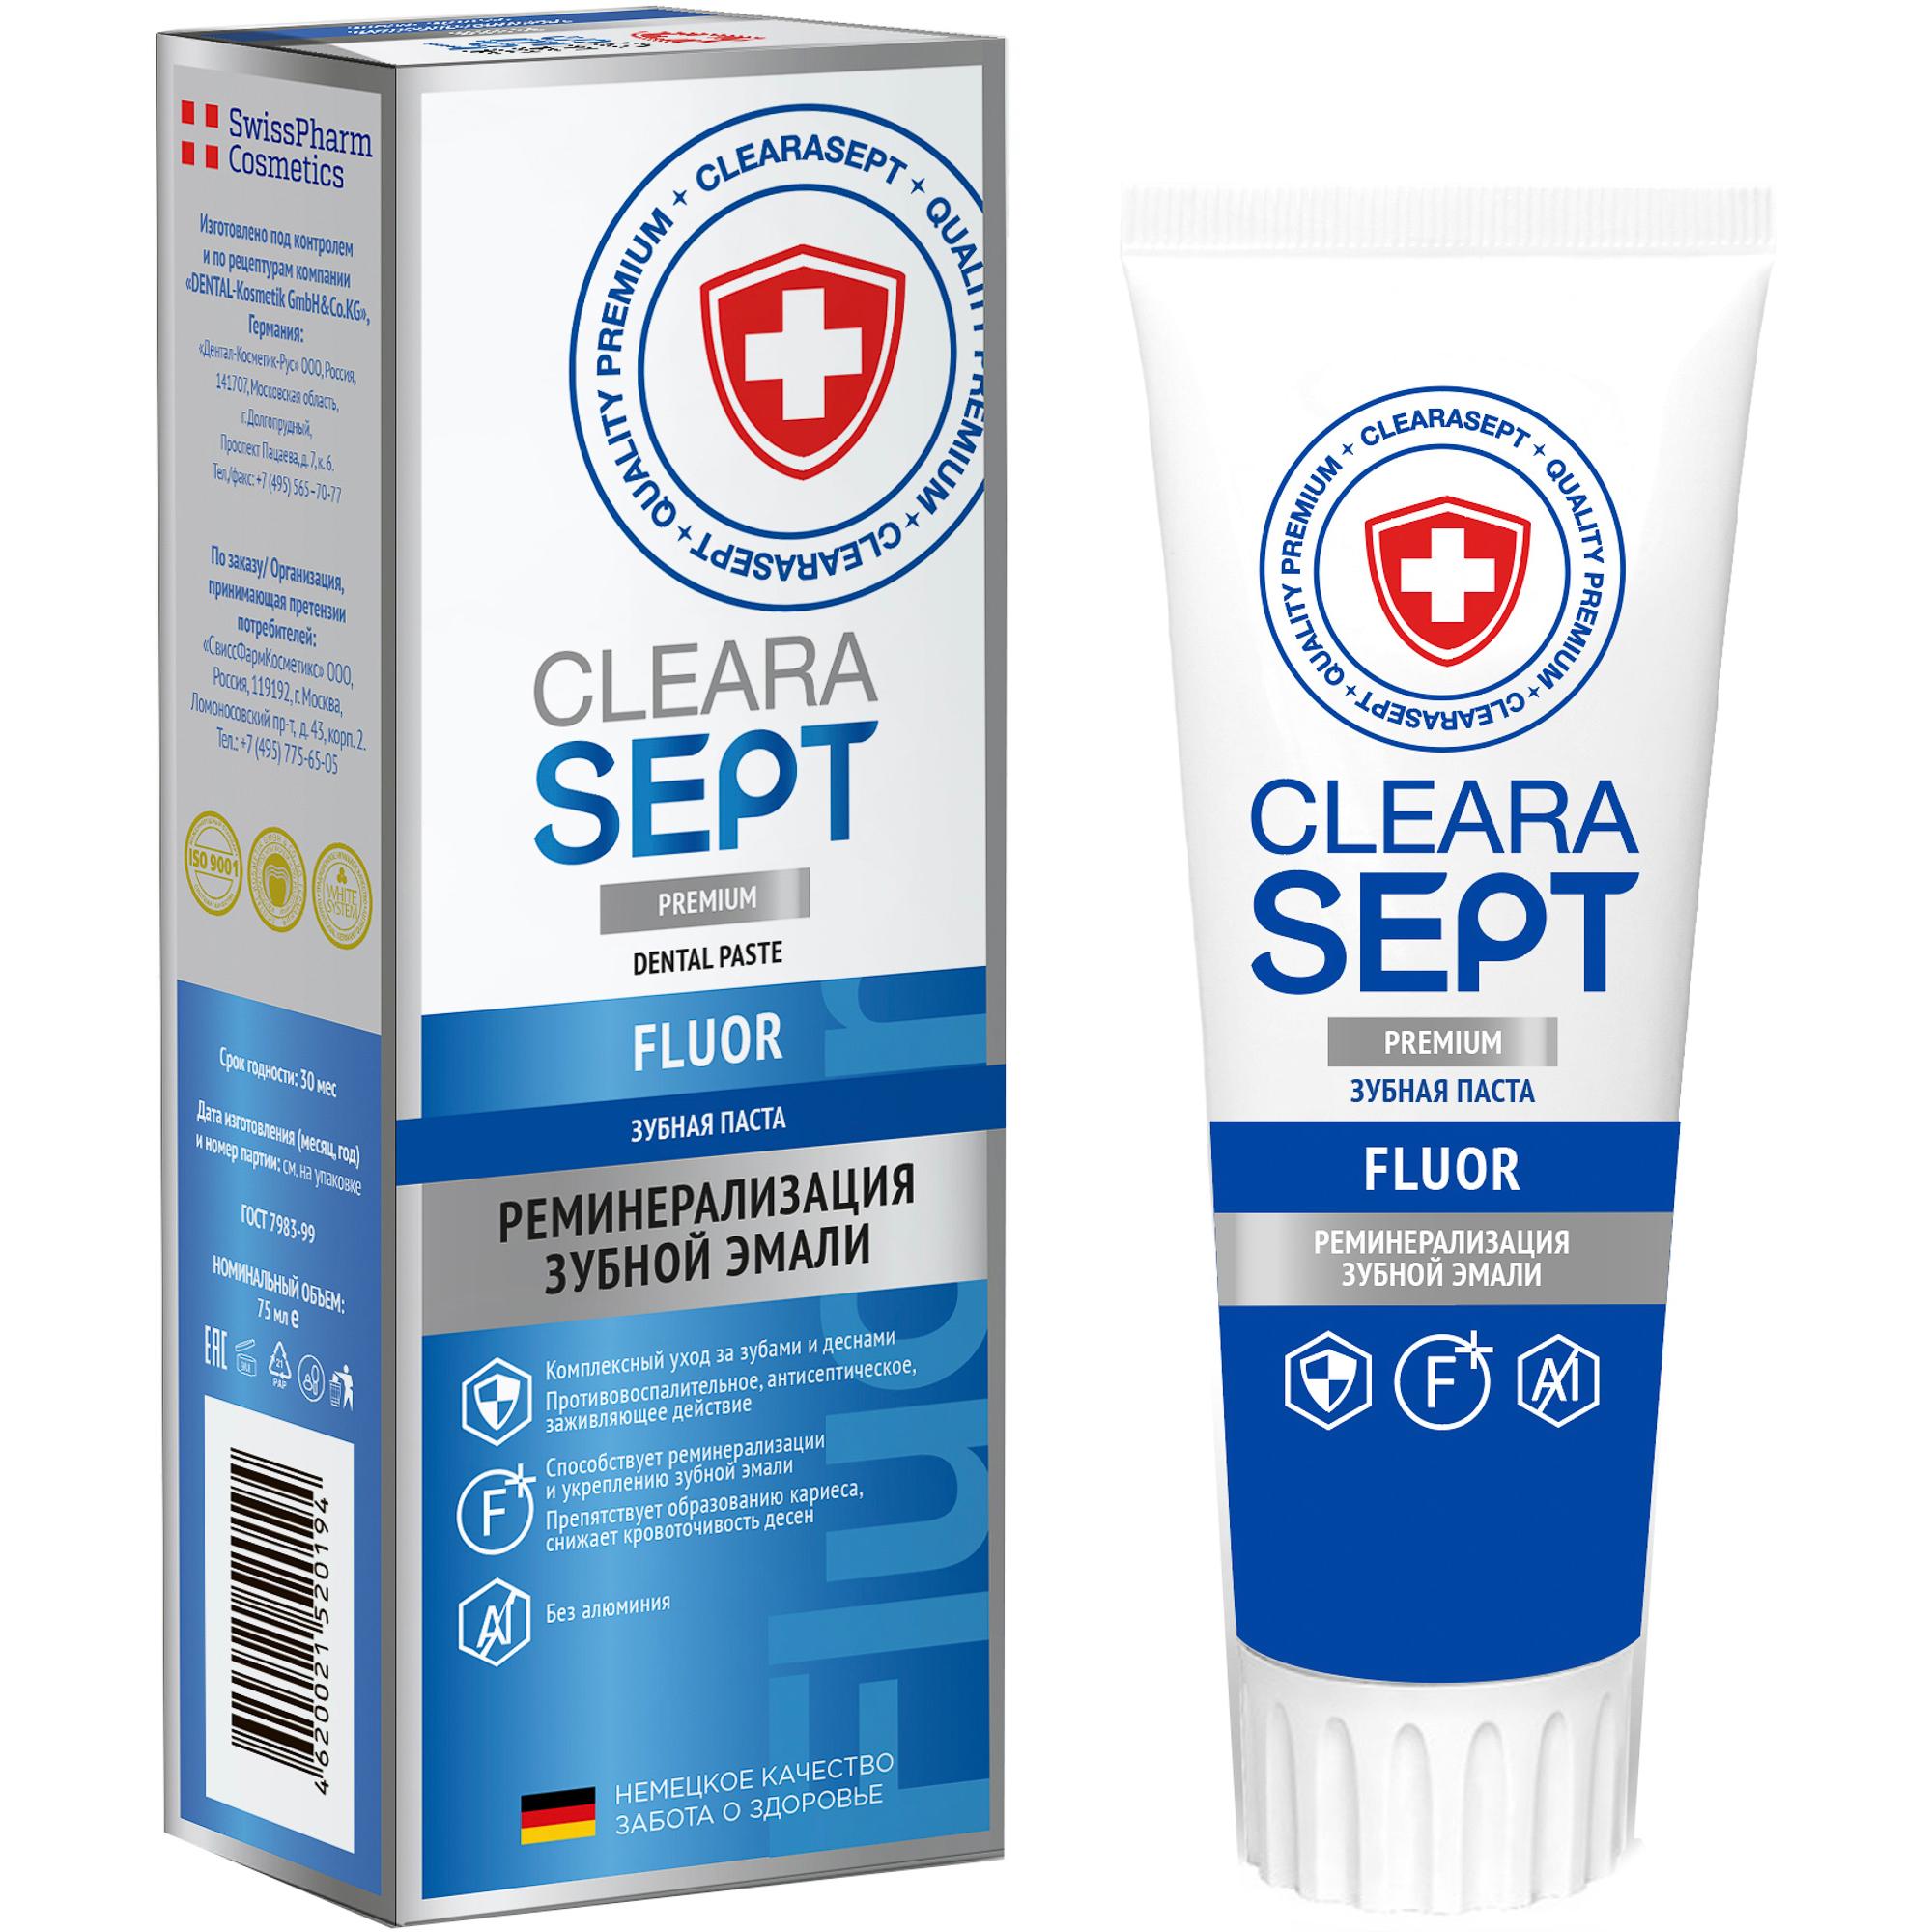 Зубная паста ClearaSept Fluor Реминерализация зубной эмали 75 мл фото